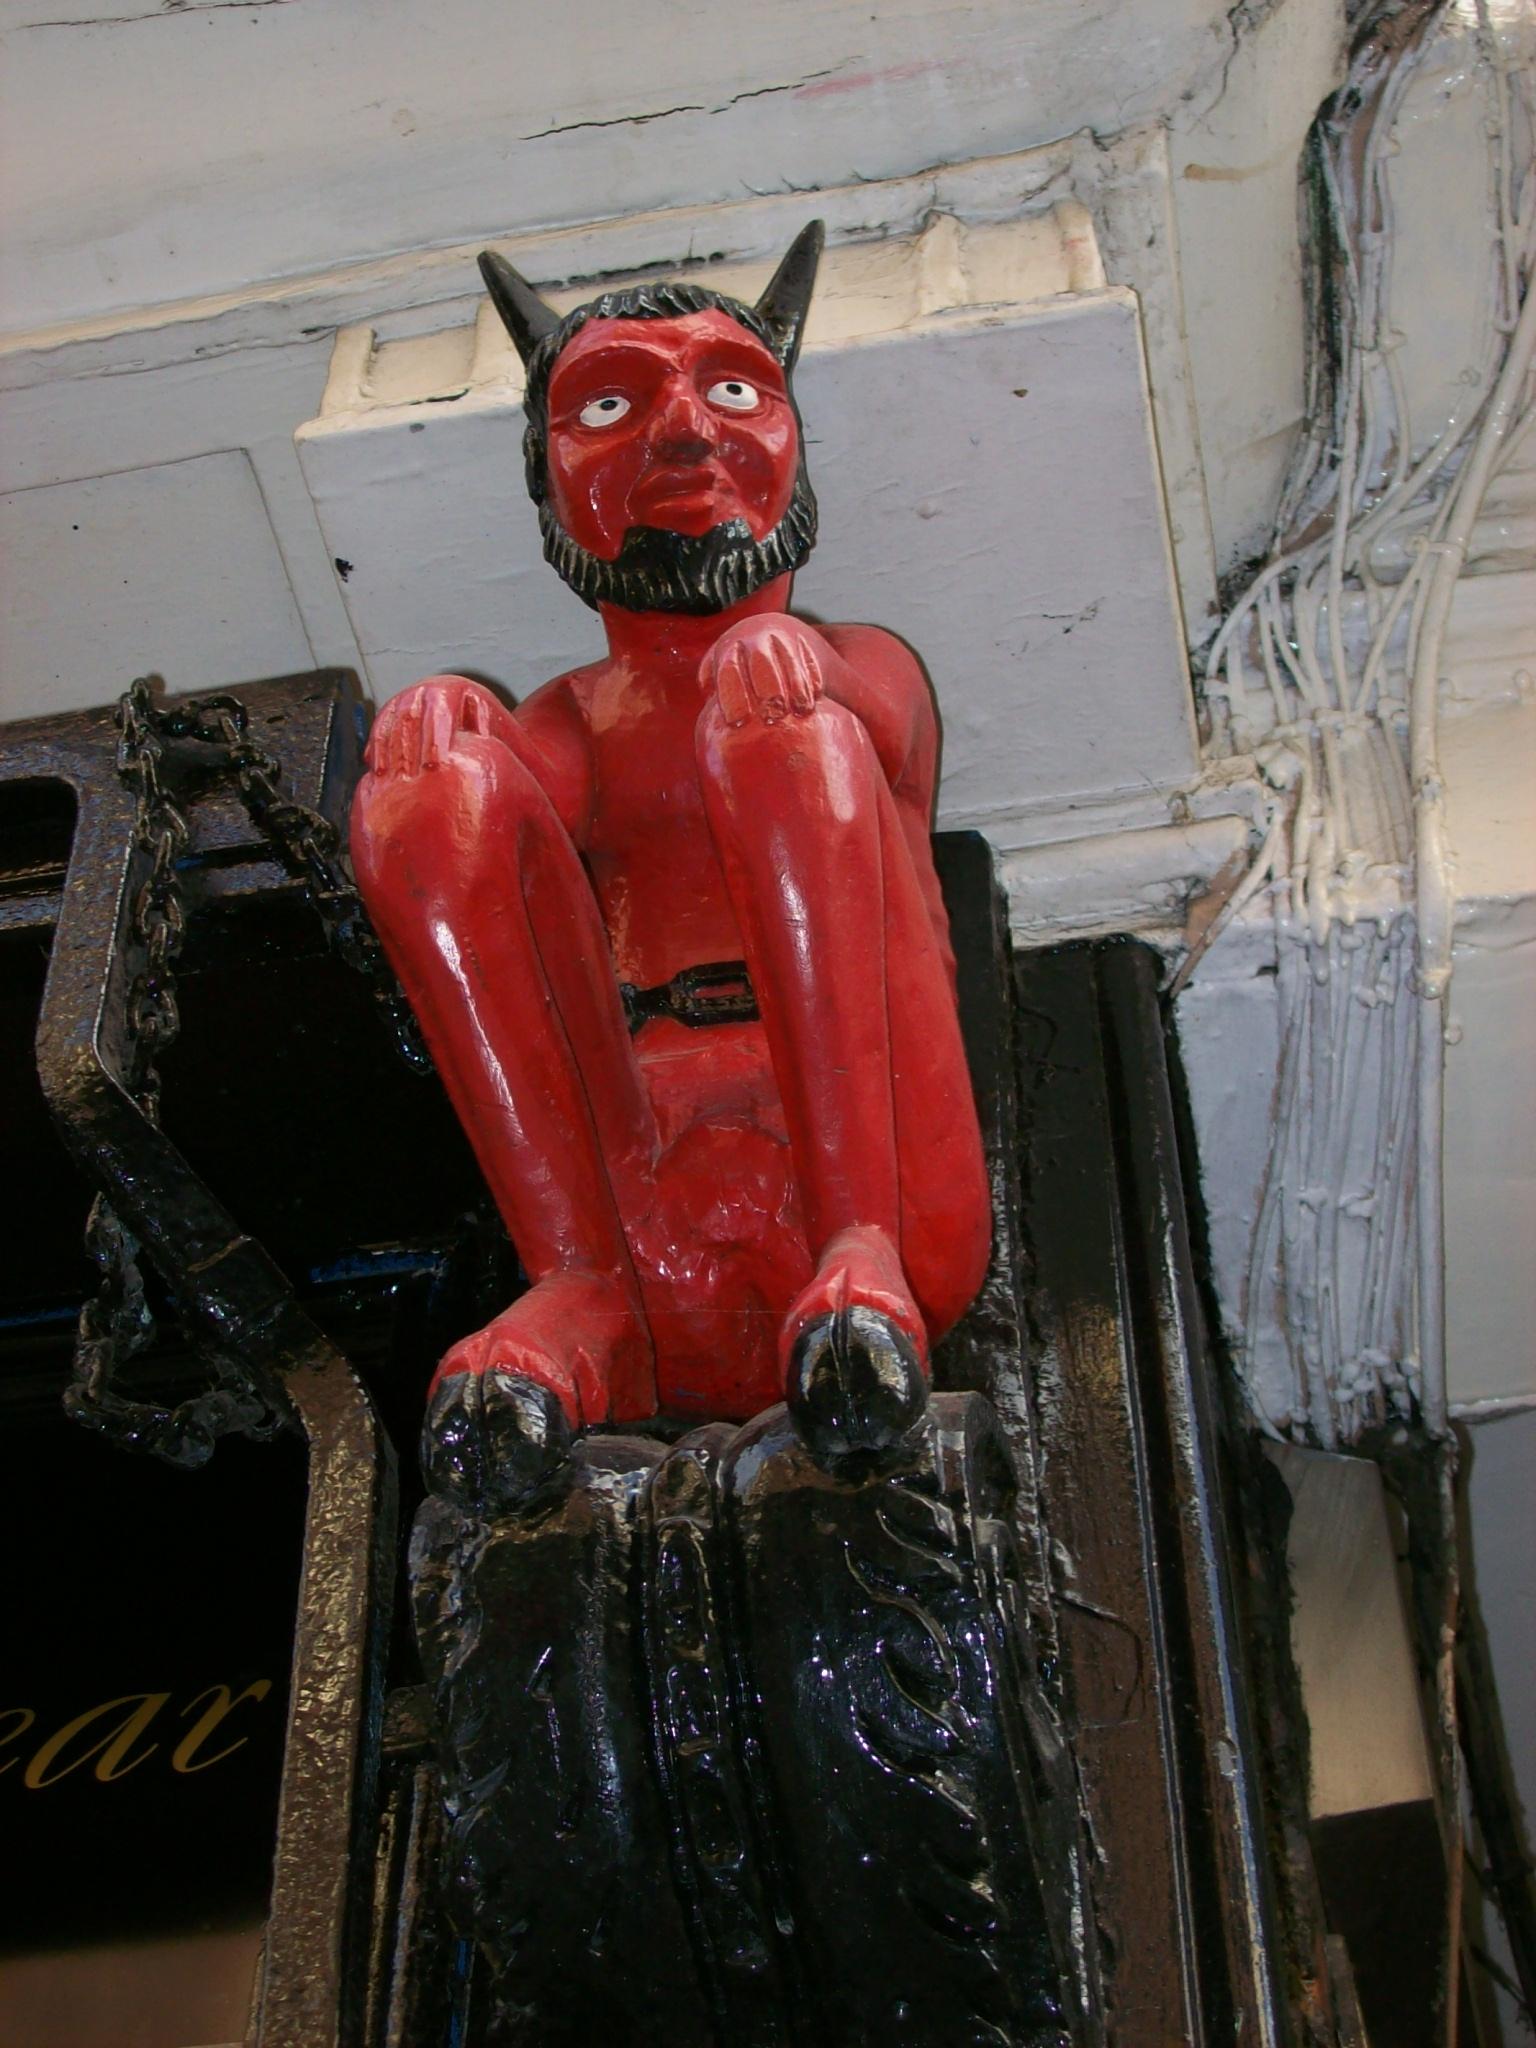 File:Red Devil, Stonegate.JPG